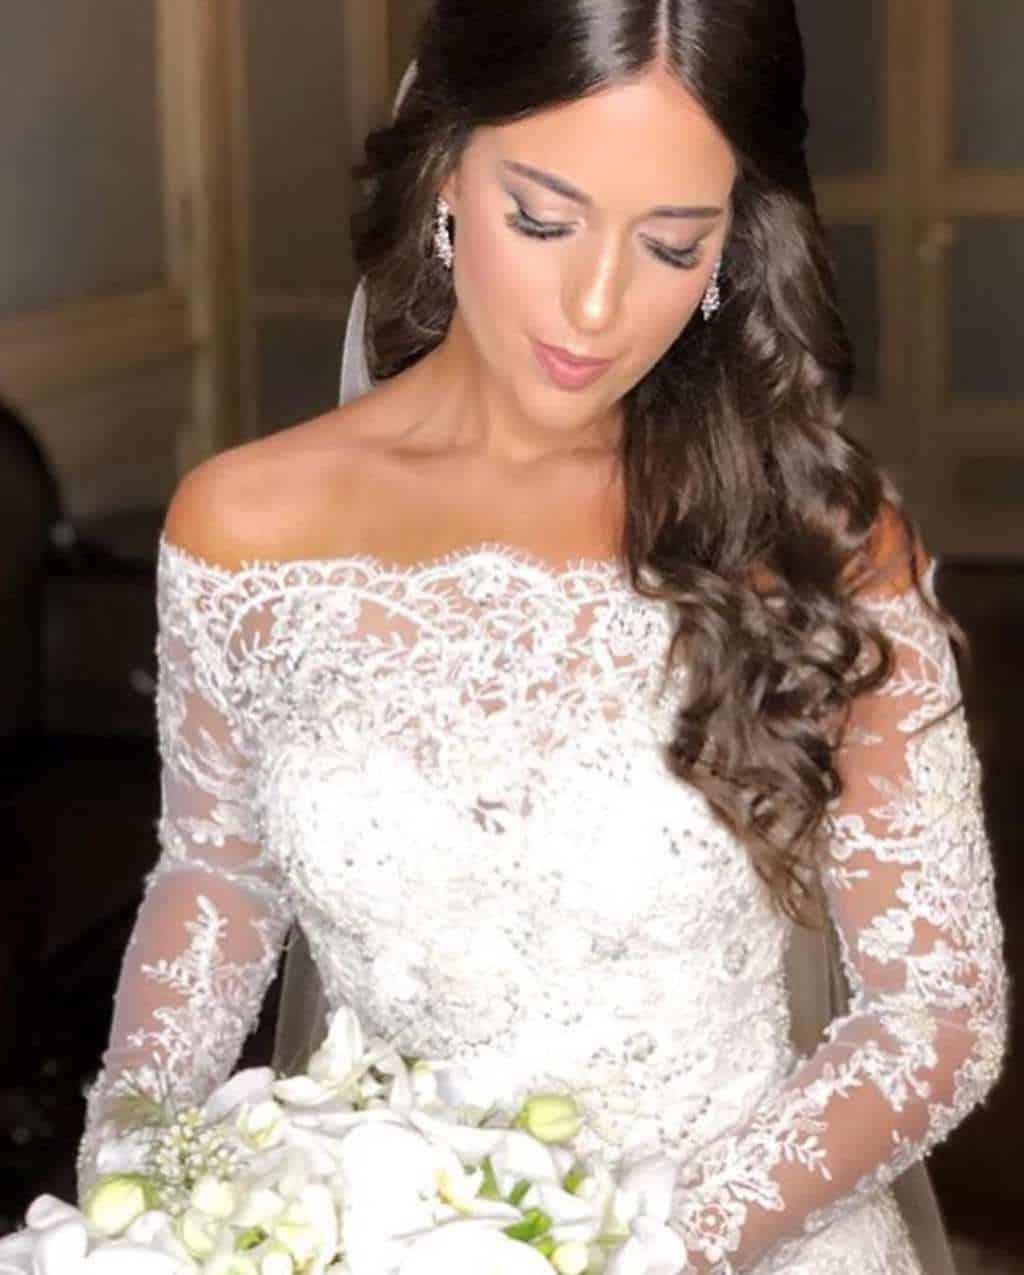 casamento-fernanda-e-leandro-casamento-sp-Fotografia-Produtora-7-casamento-clássico-casamento-tradicional-wedding-85